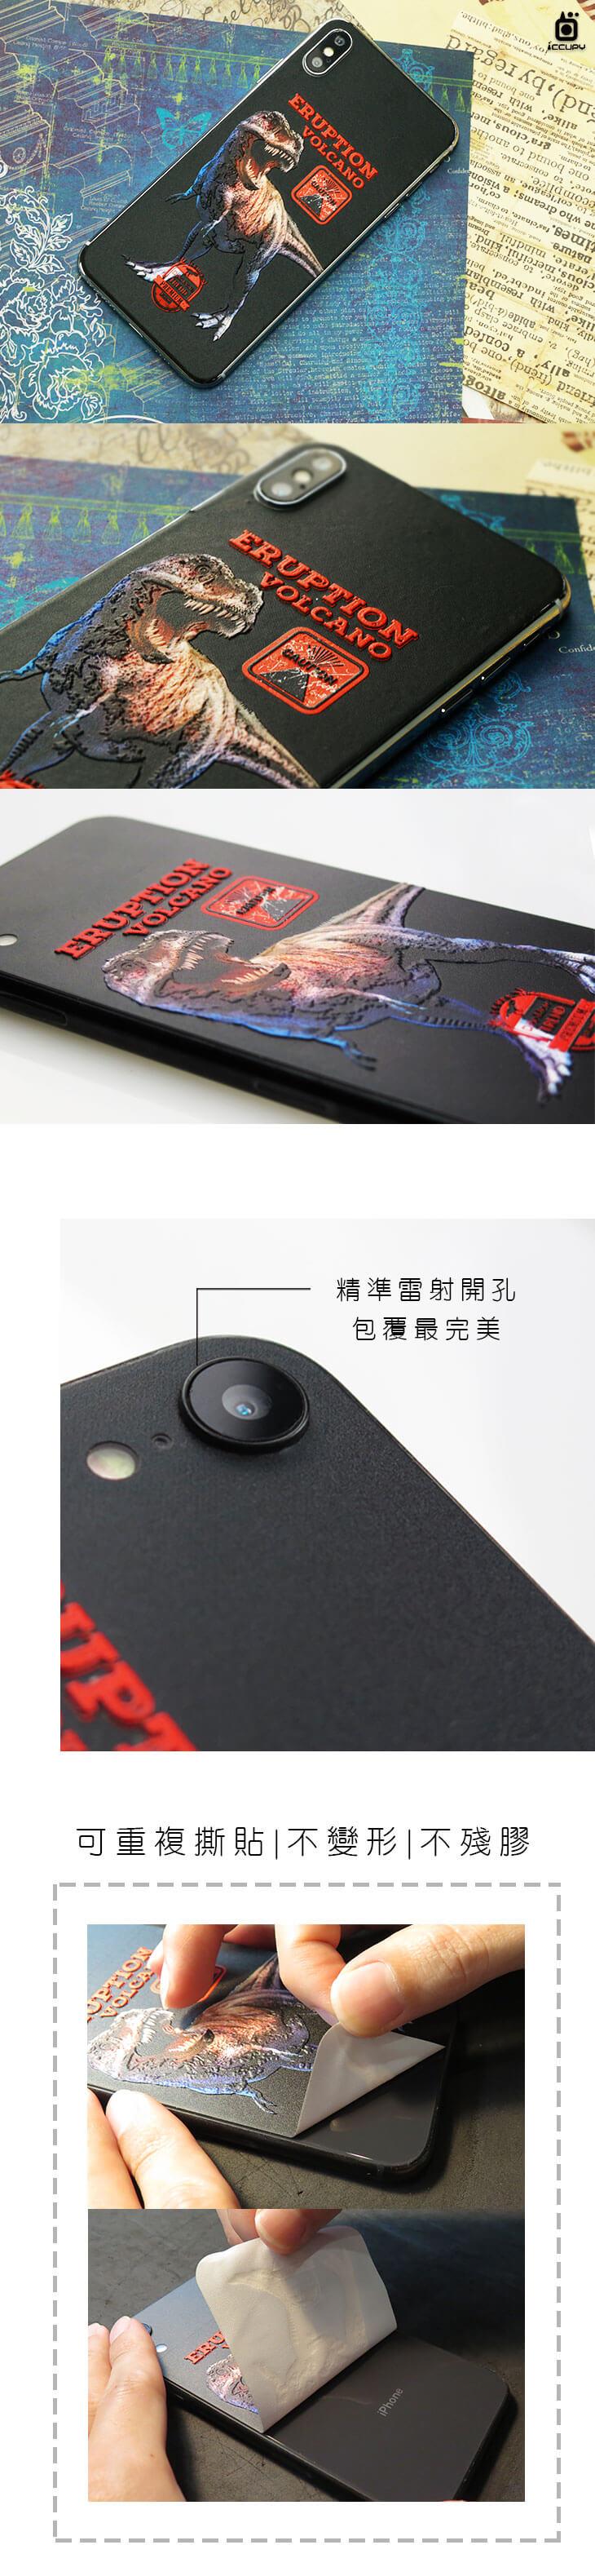 高雄手機包膜-刁膜DiaoMore-VR擬真浮雕背貼-恐龍末日火山暴龍VOCANIC